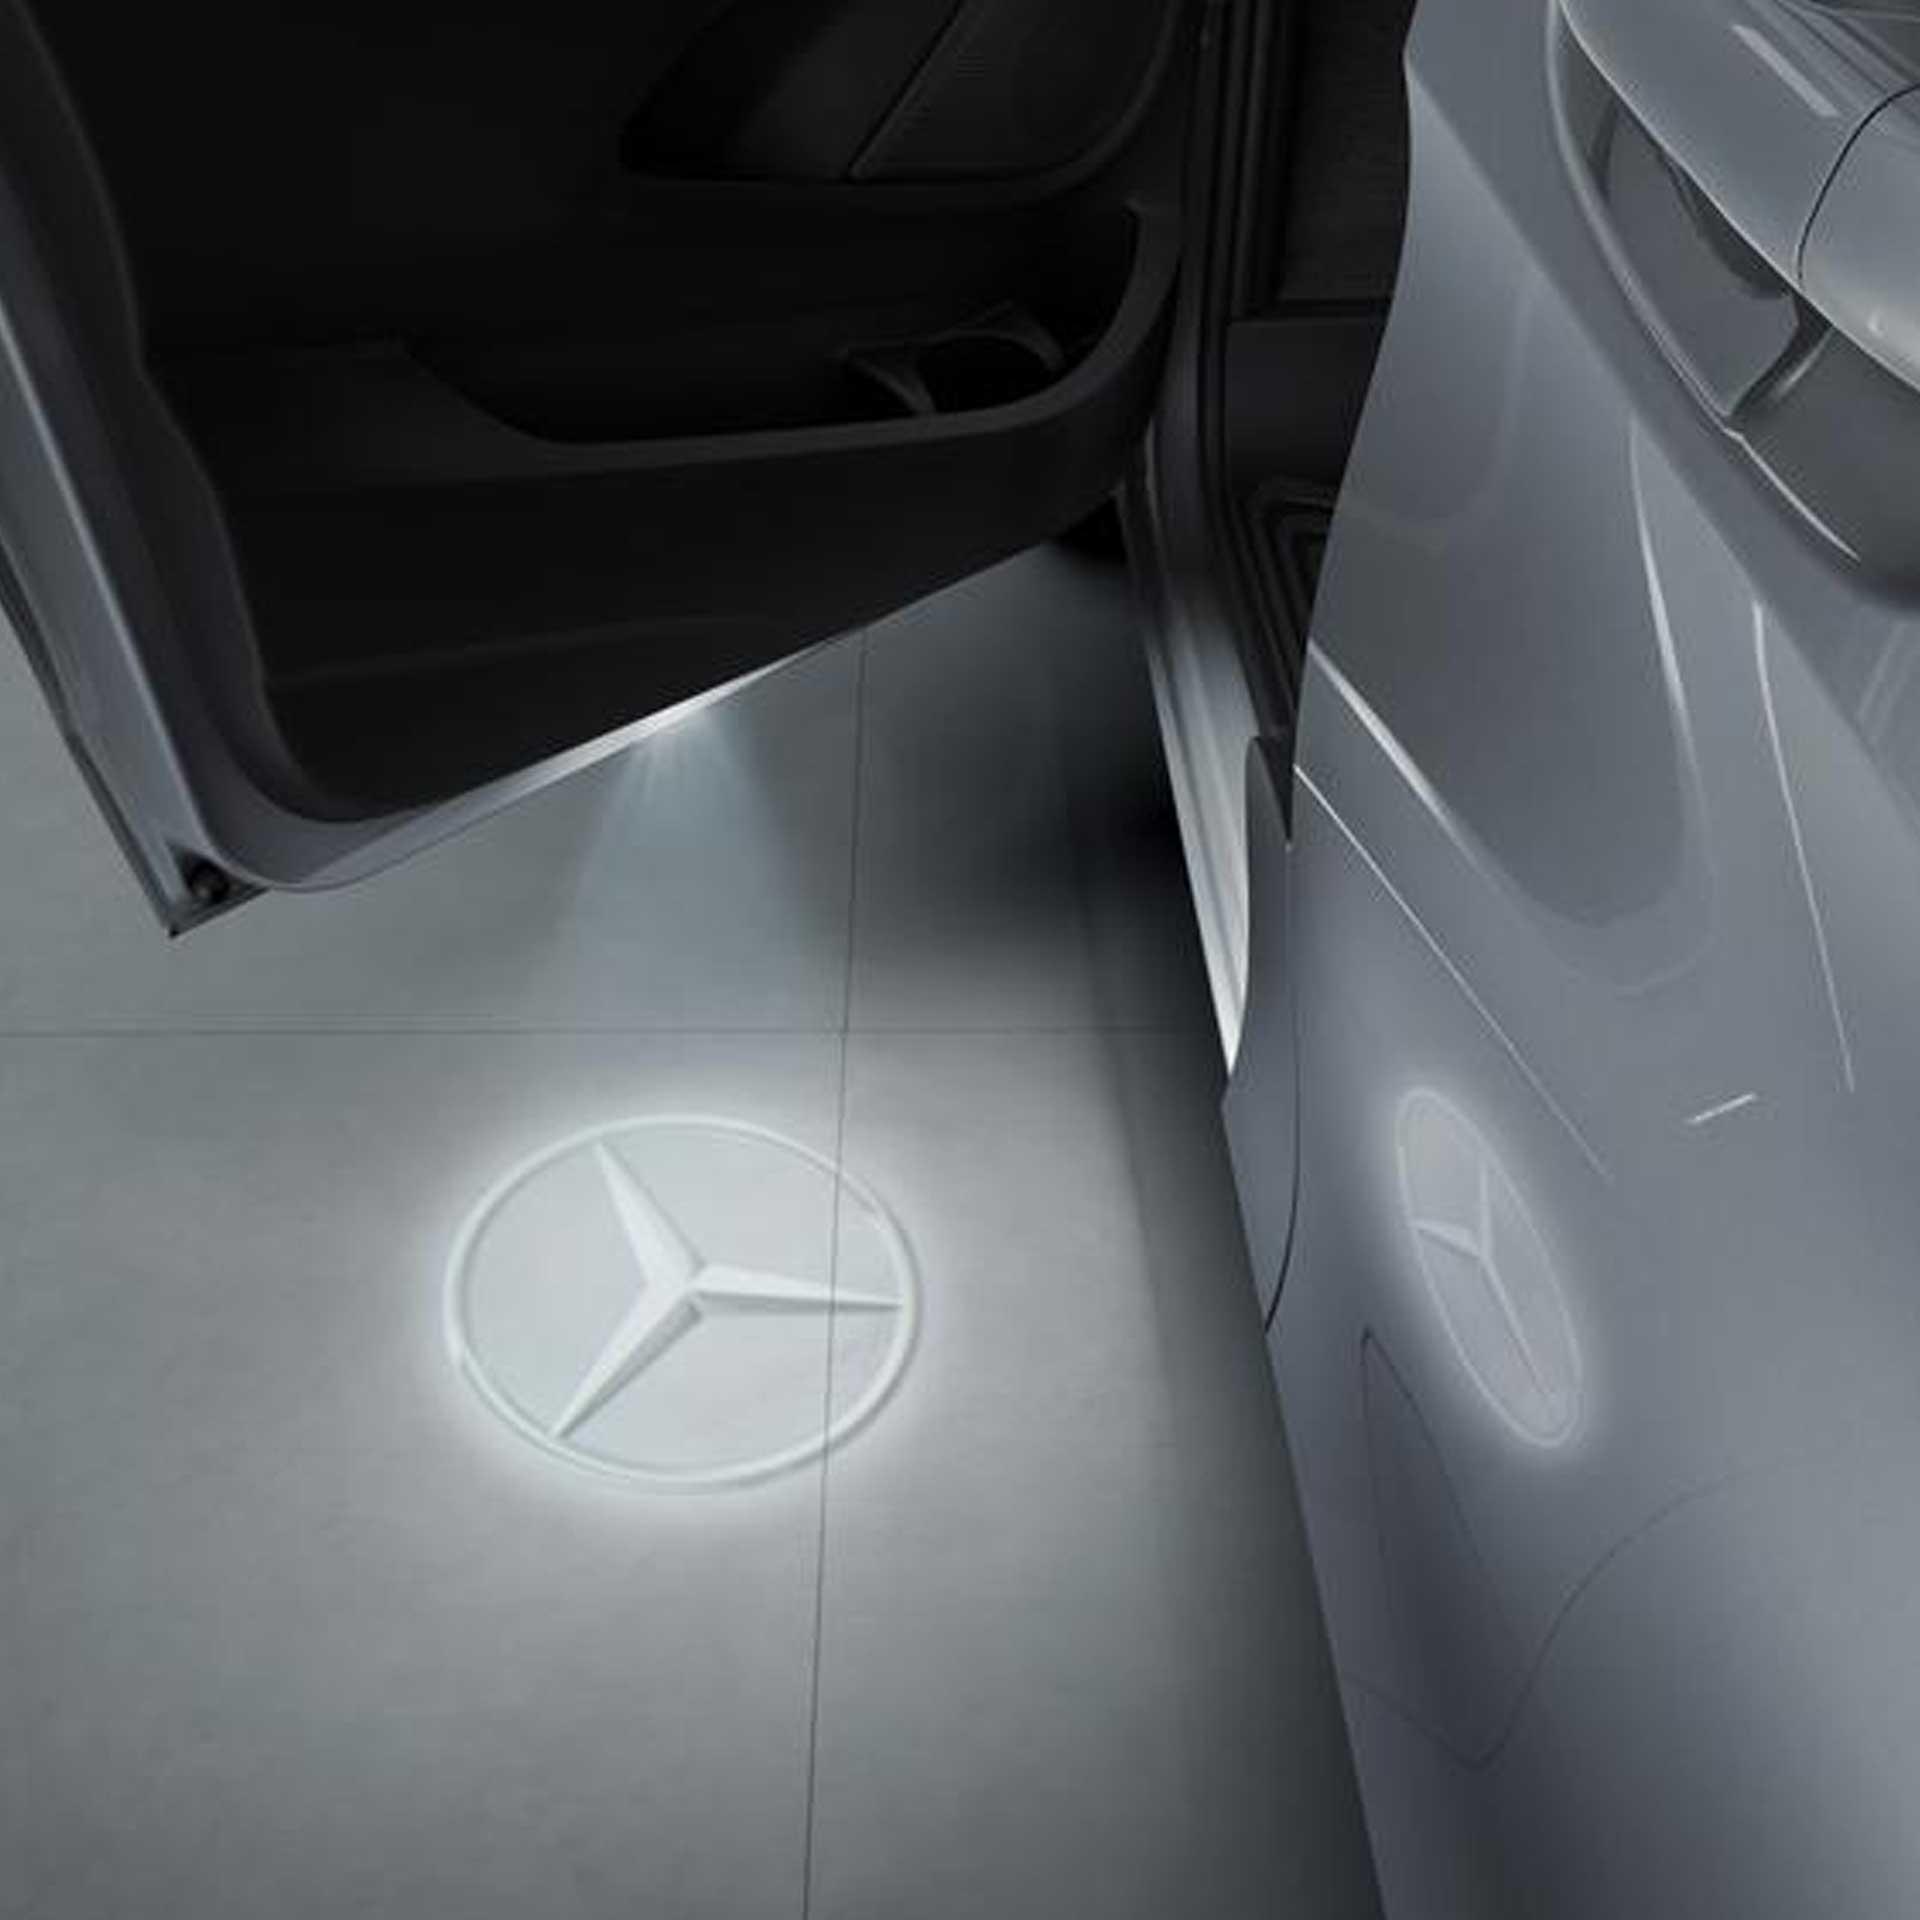 Mercedes-Benz Logo-Projektor für die Vordertüren Set